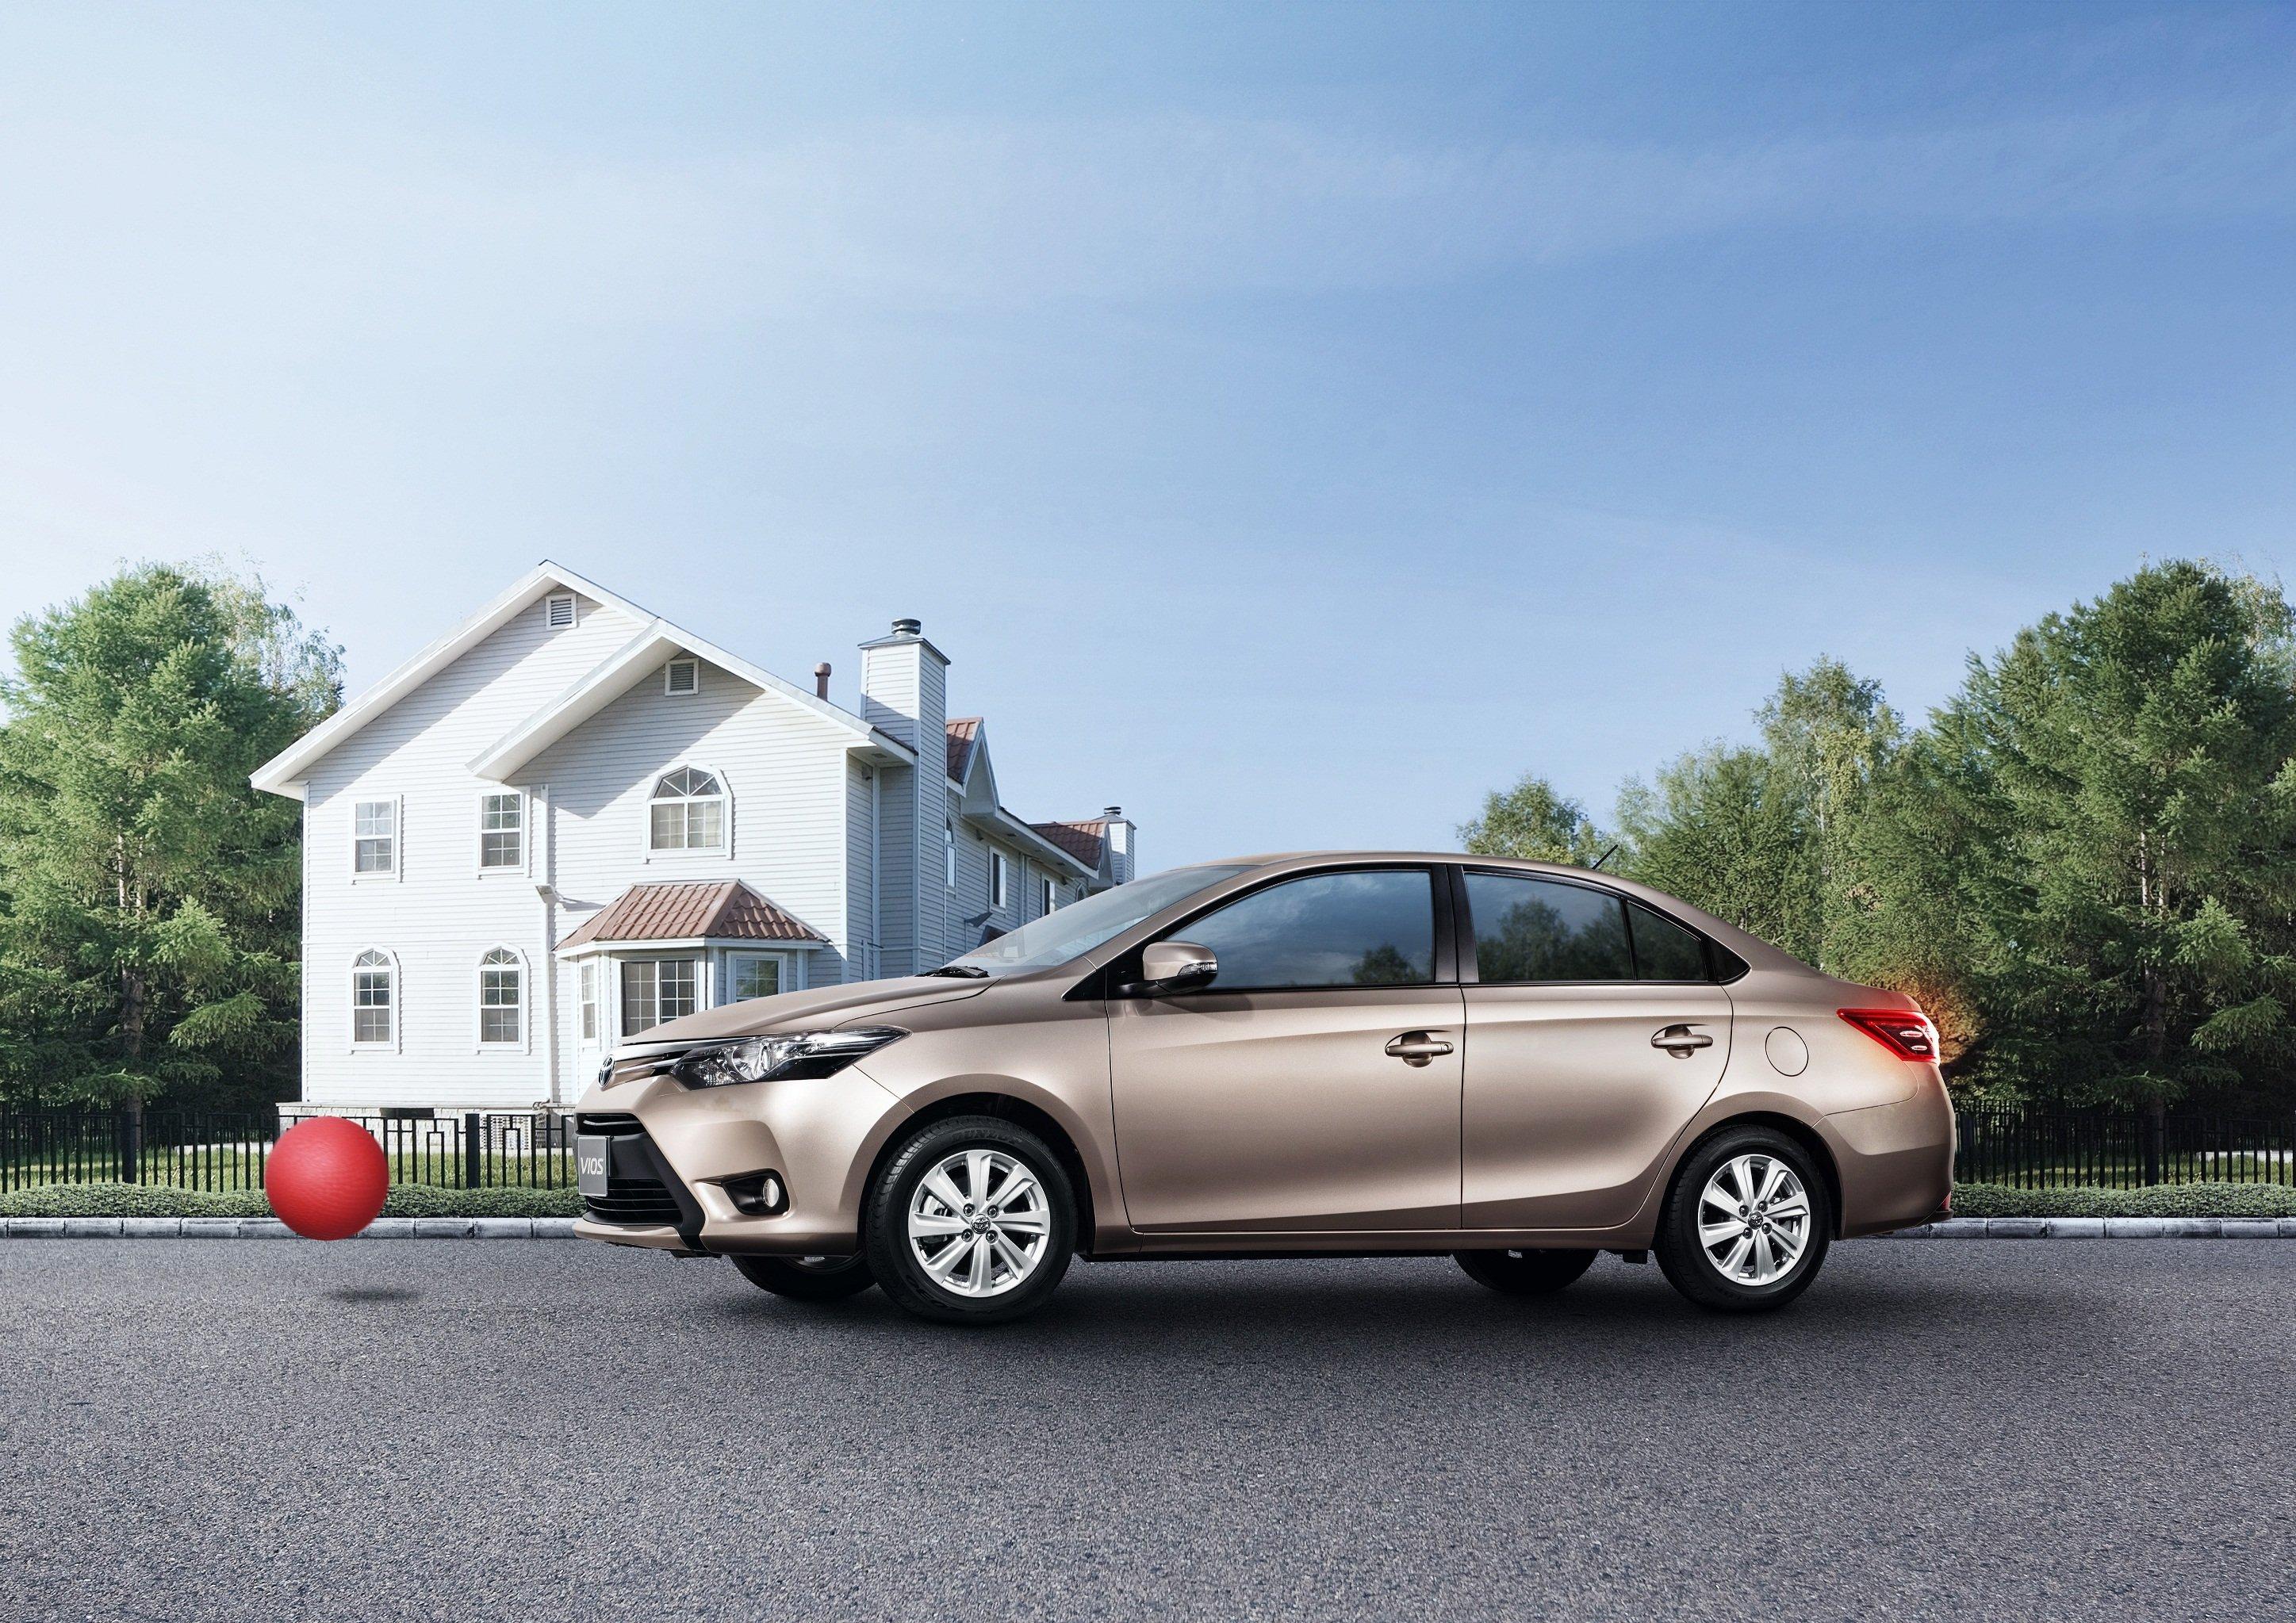 Toyota Vios 2016 ra mắt thị trường với giá từ 532 triệu đồng 1